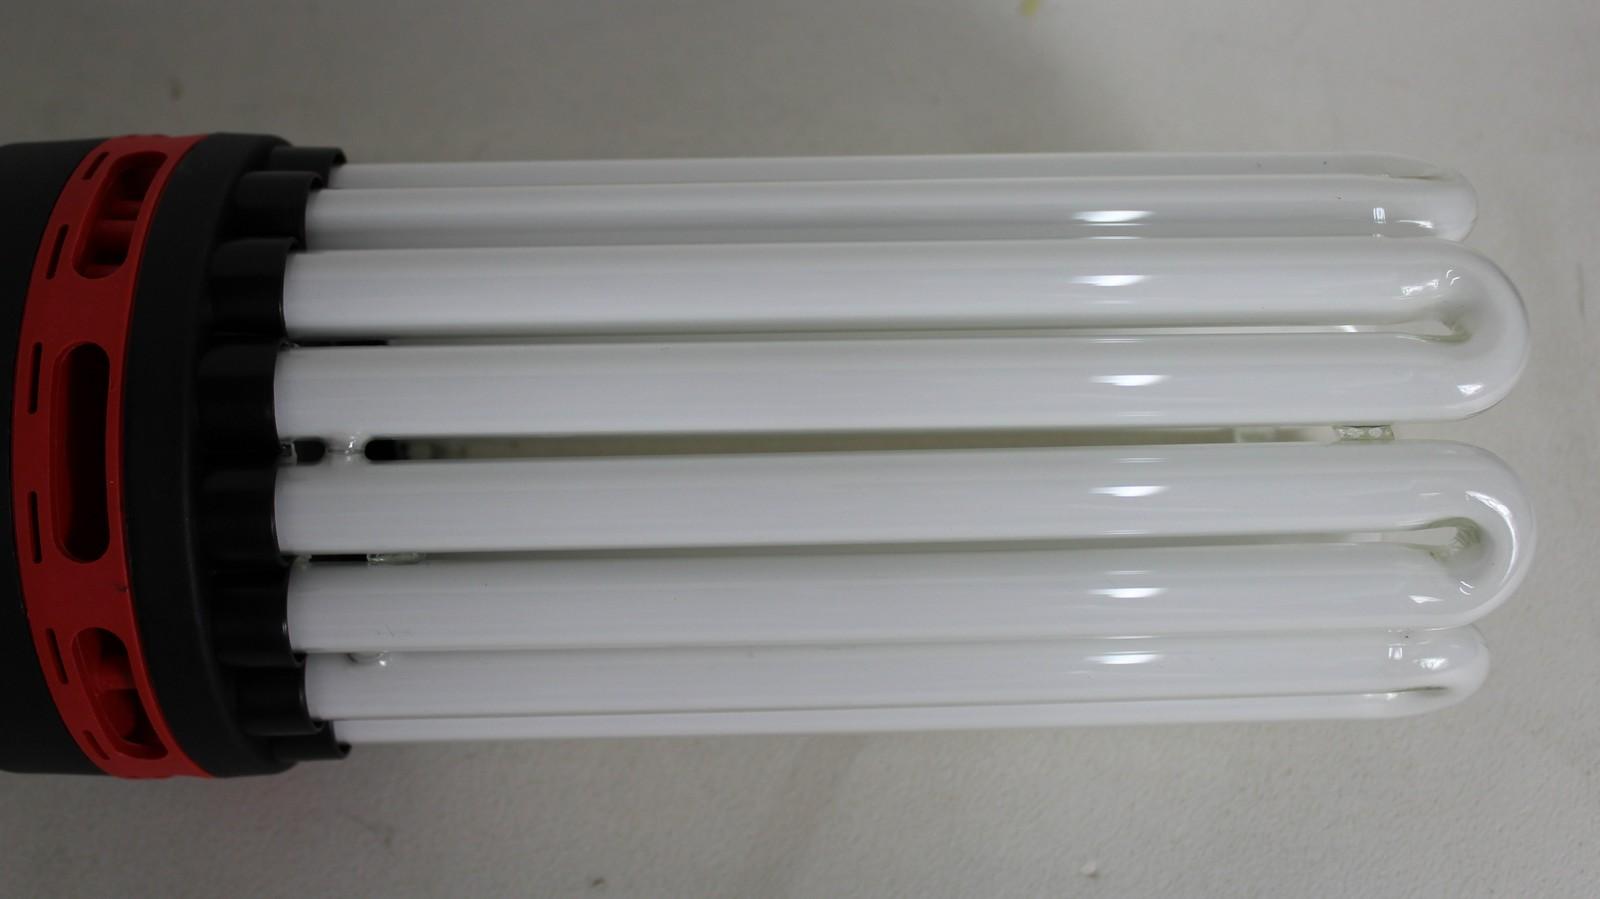 Bnib Prostar 300w Far Red Cfl 2700k Flowering Bulb Lamp